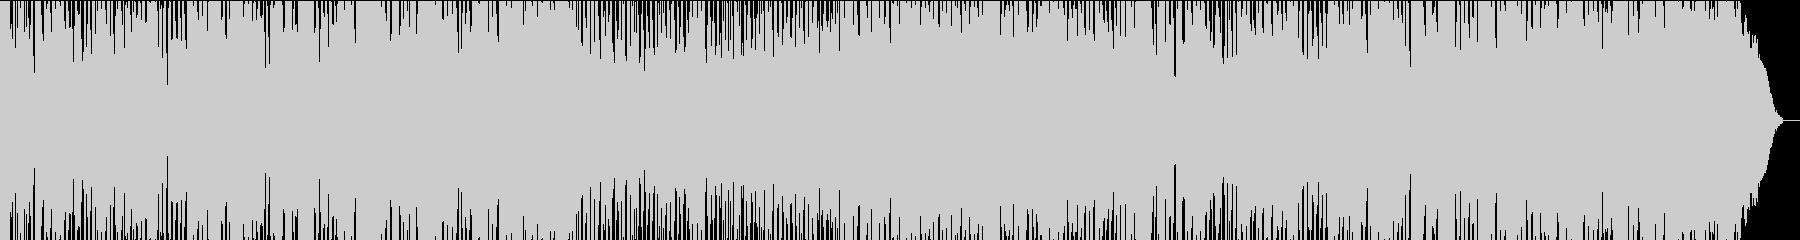 ハーモニカとマンドリンの軽快なポップスの未再生の波形